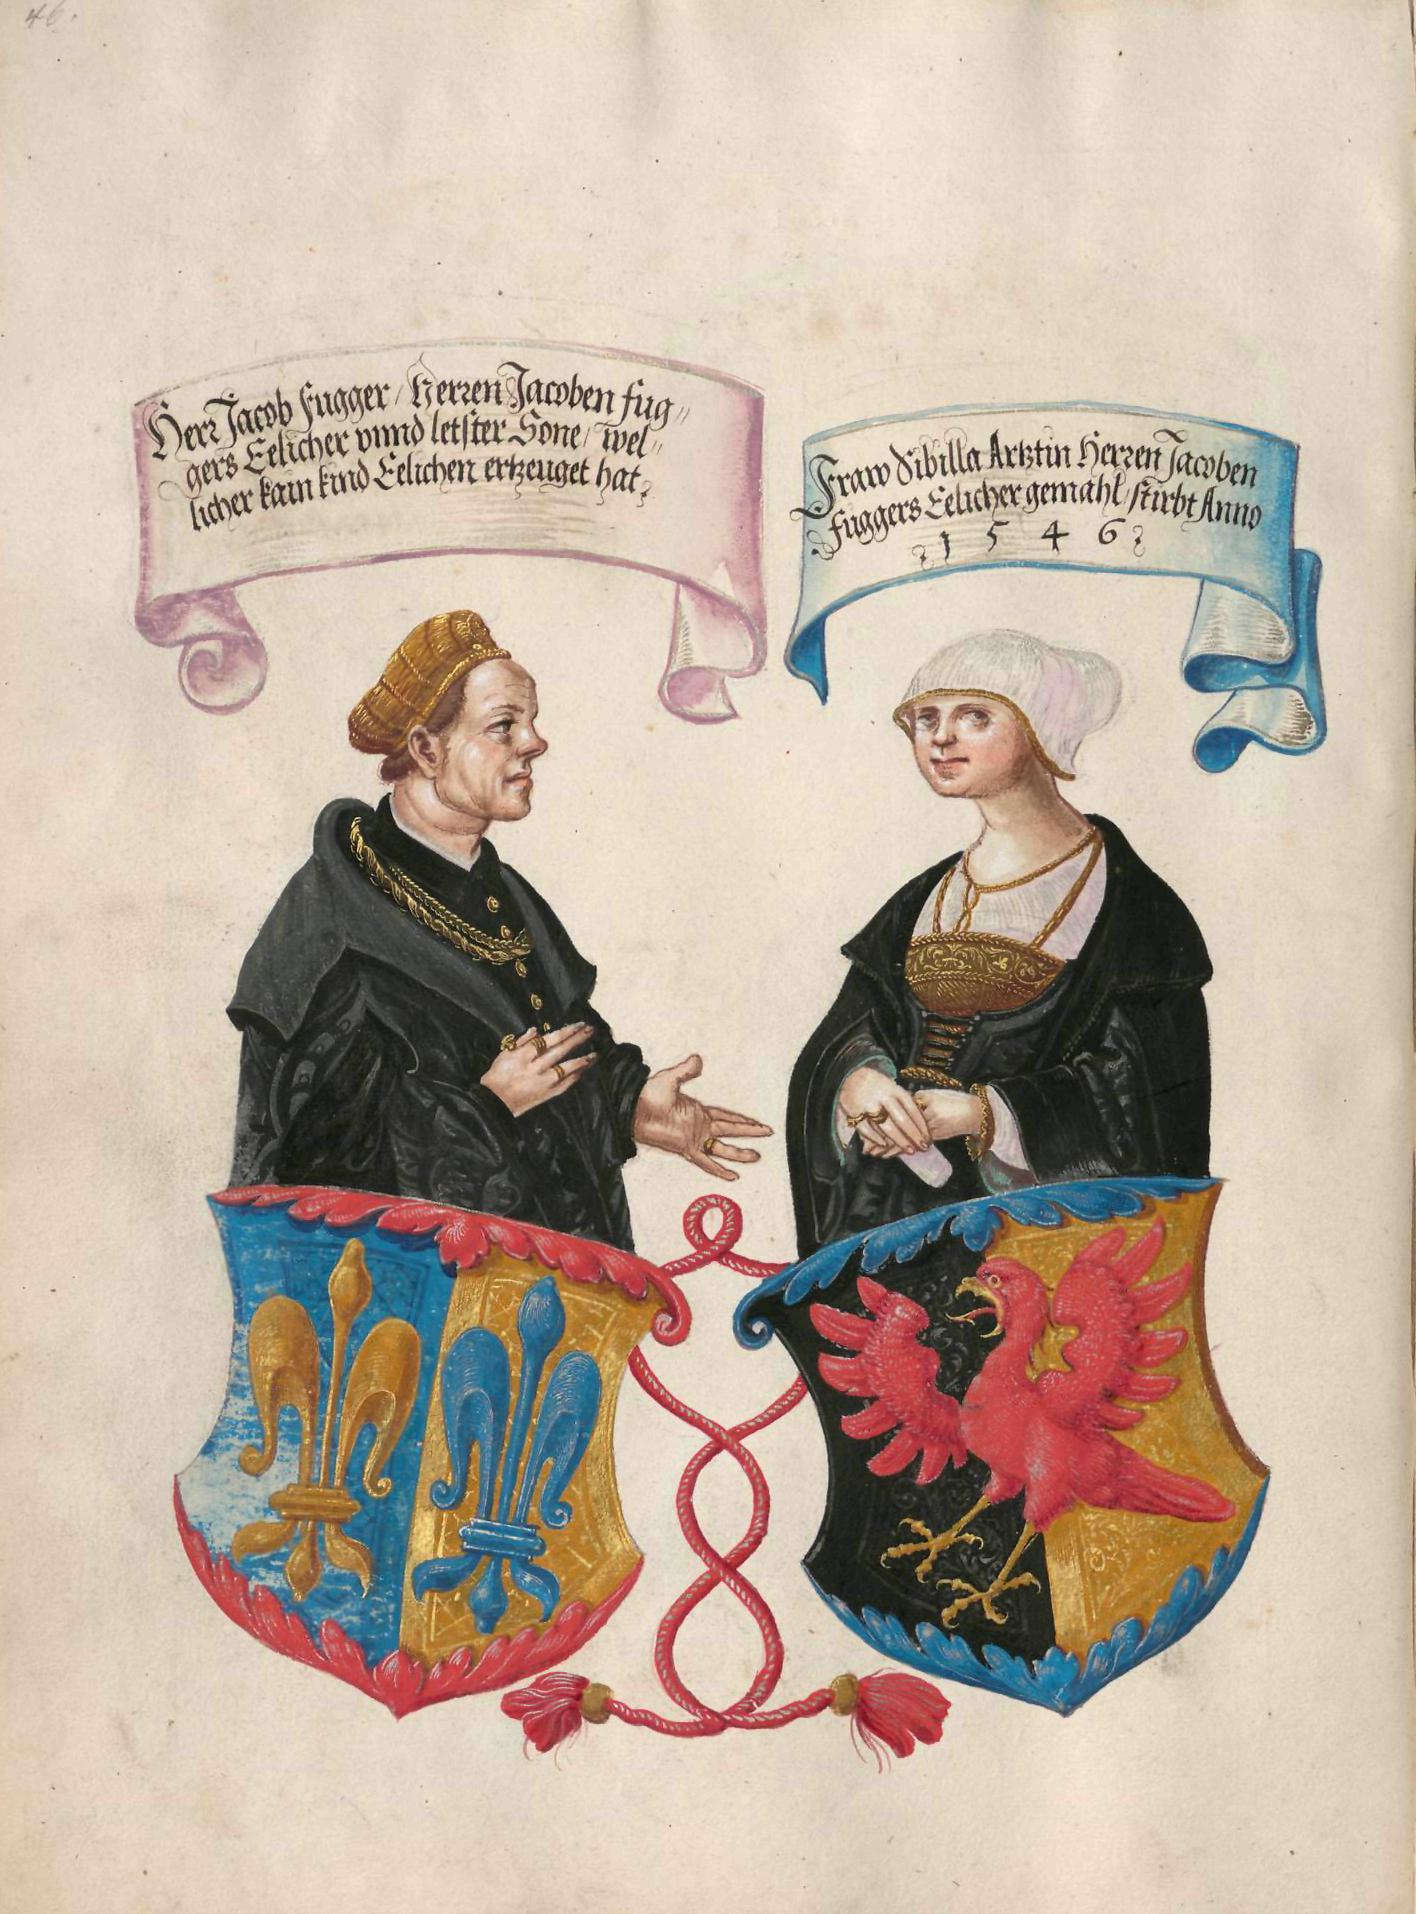 http://de.academic.ru/pictures/dewiki/70/Fugger_Ehrenbuch_046.jpg